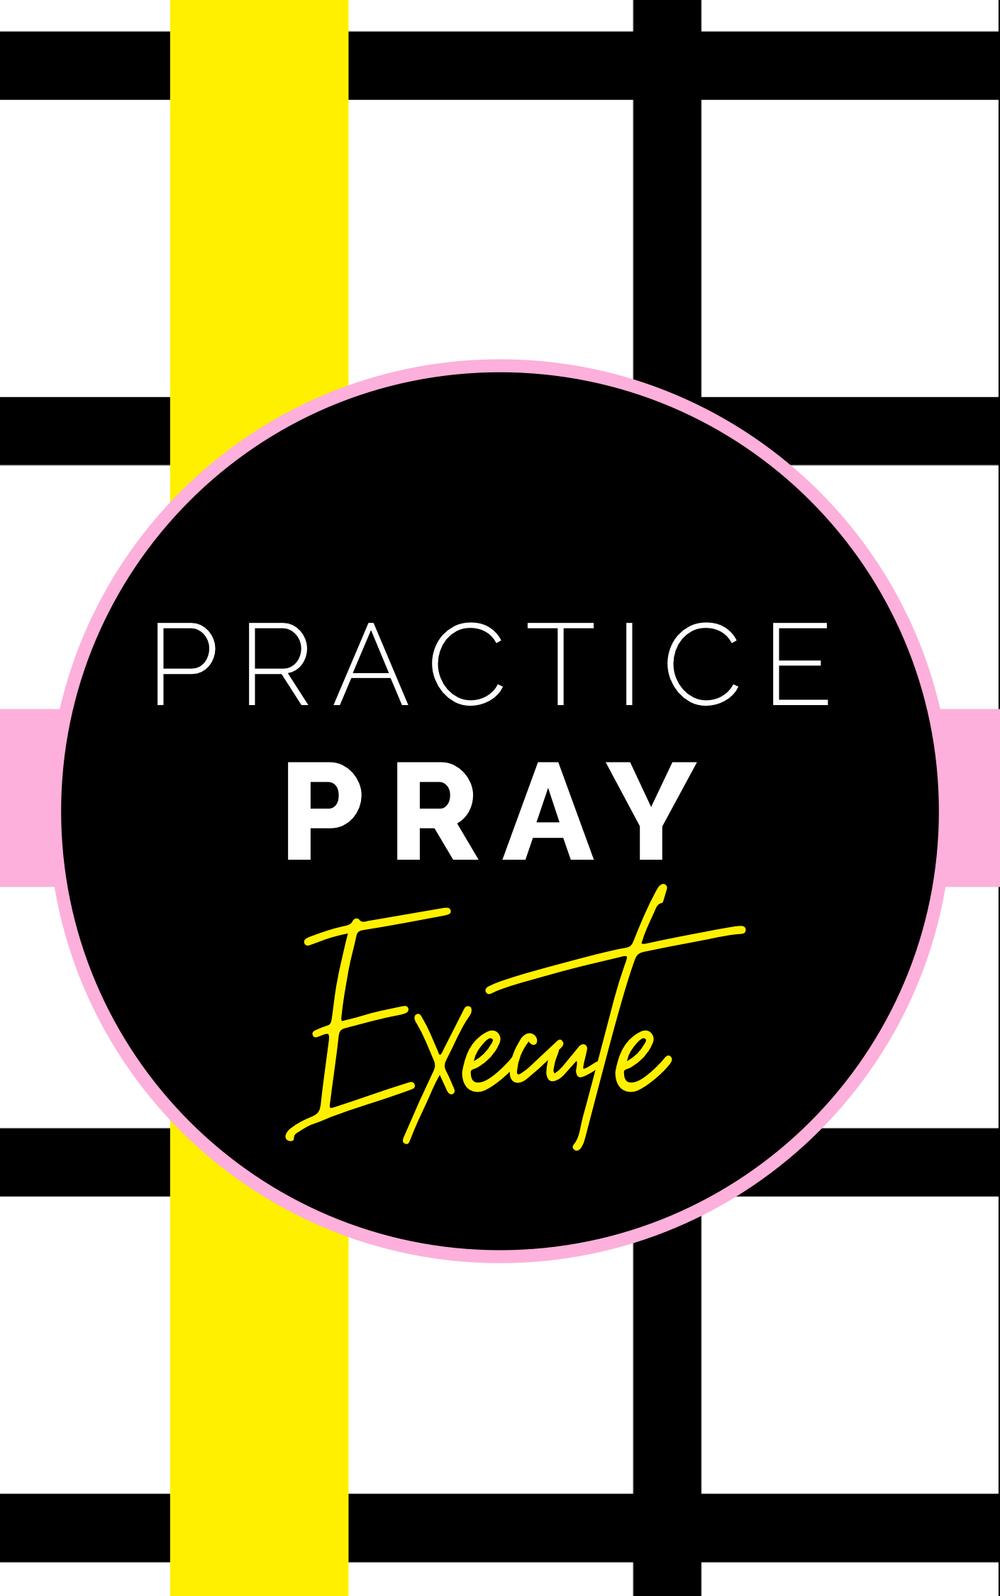 Practice Pray Execute